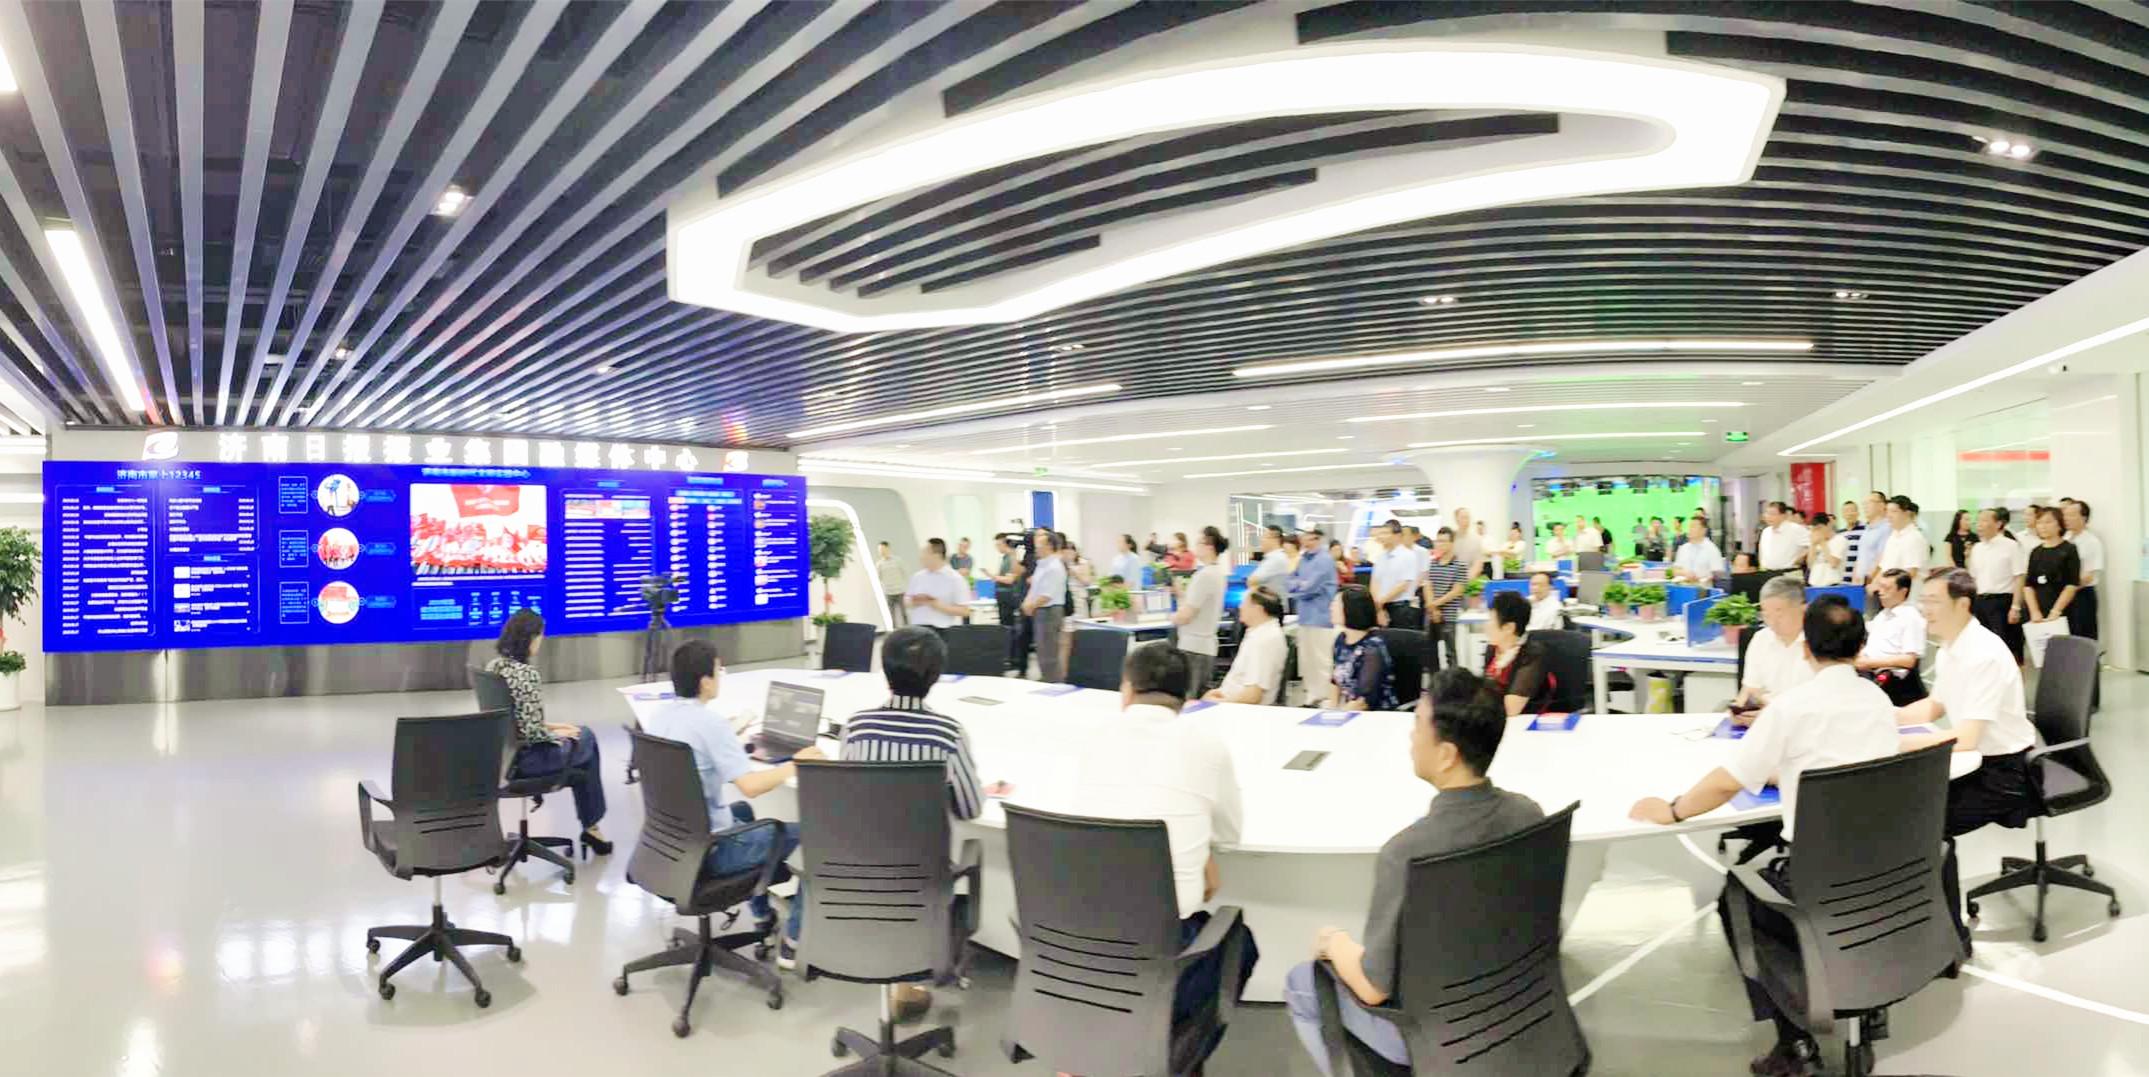 """打通""""两大中心"""",从1.0版迈向2.0版!济南报业率先打造高效多能新型主流媒体平台"""